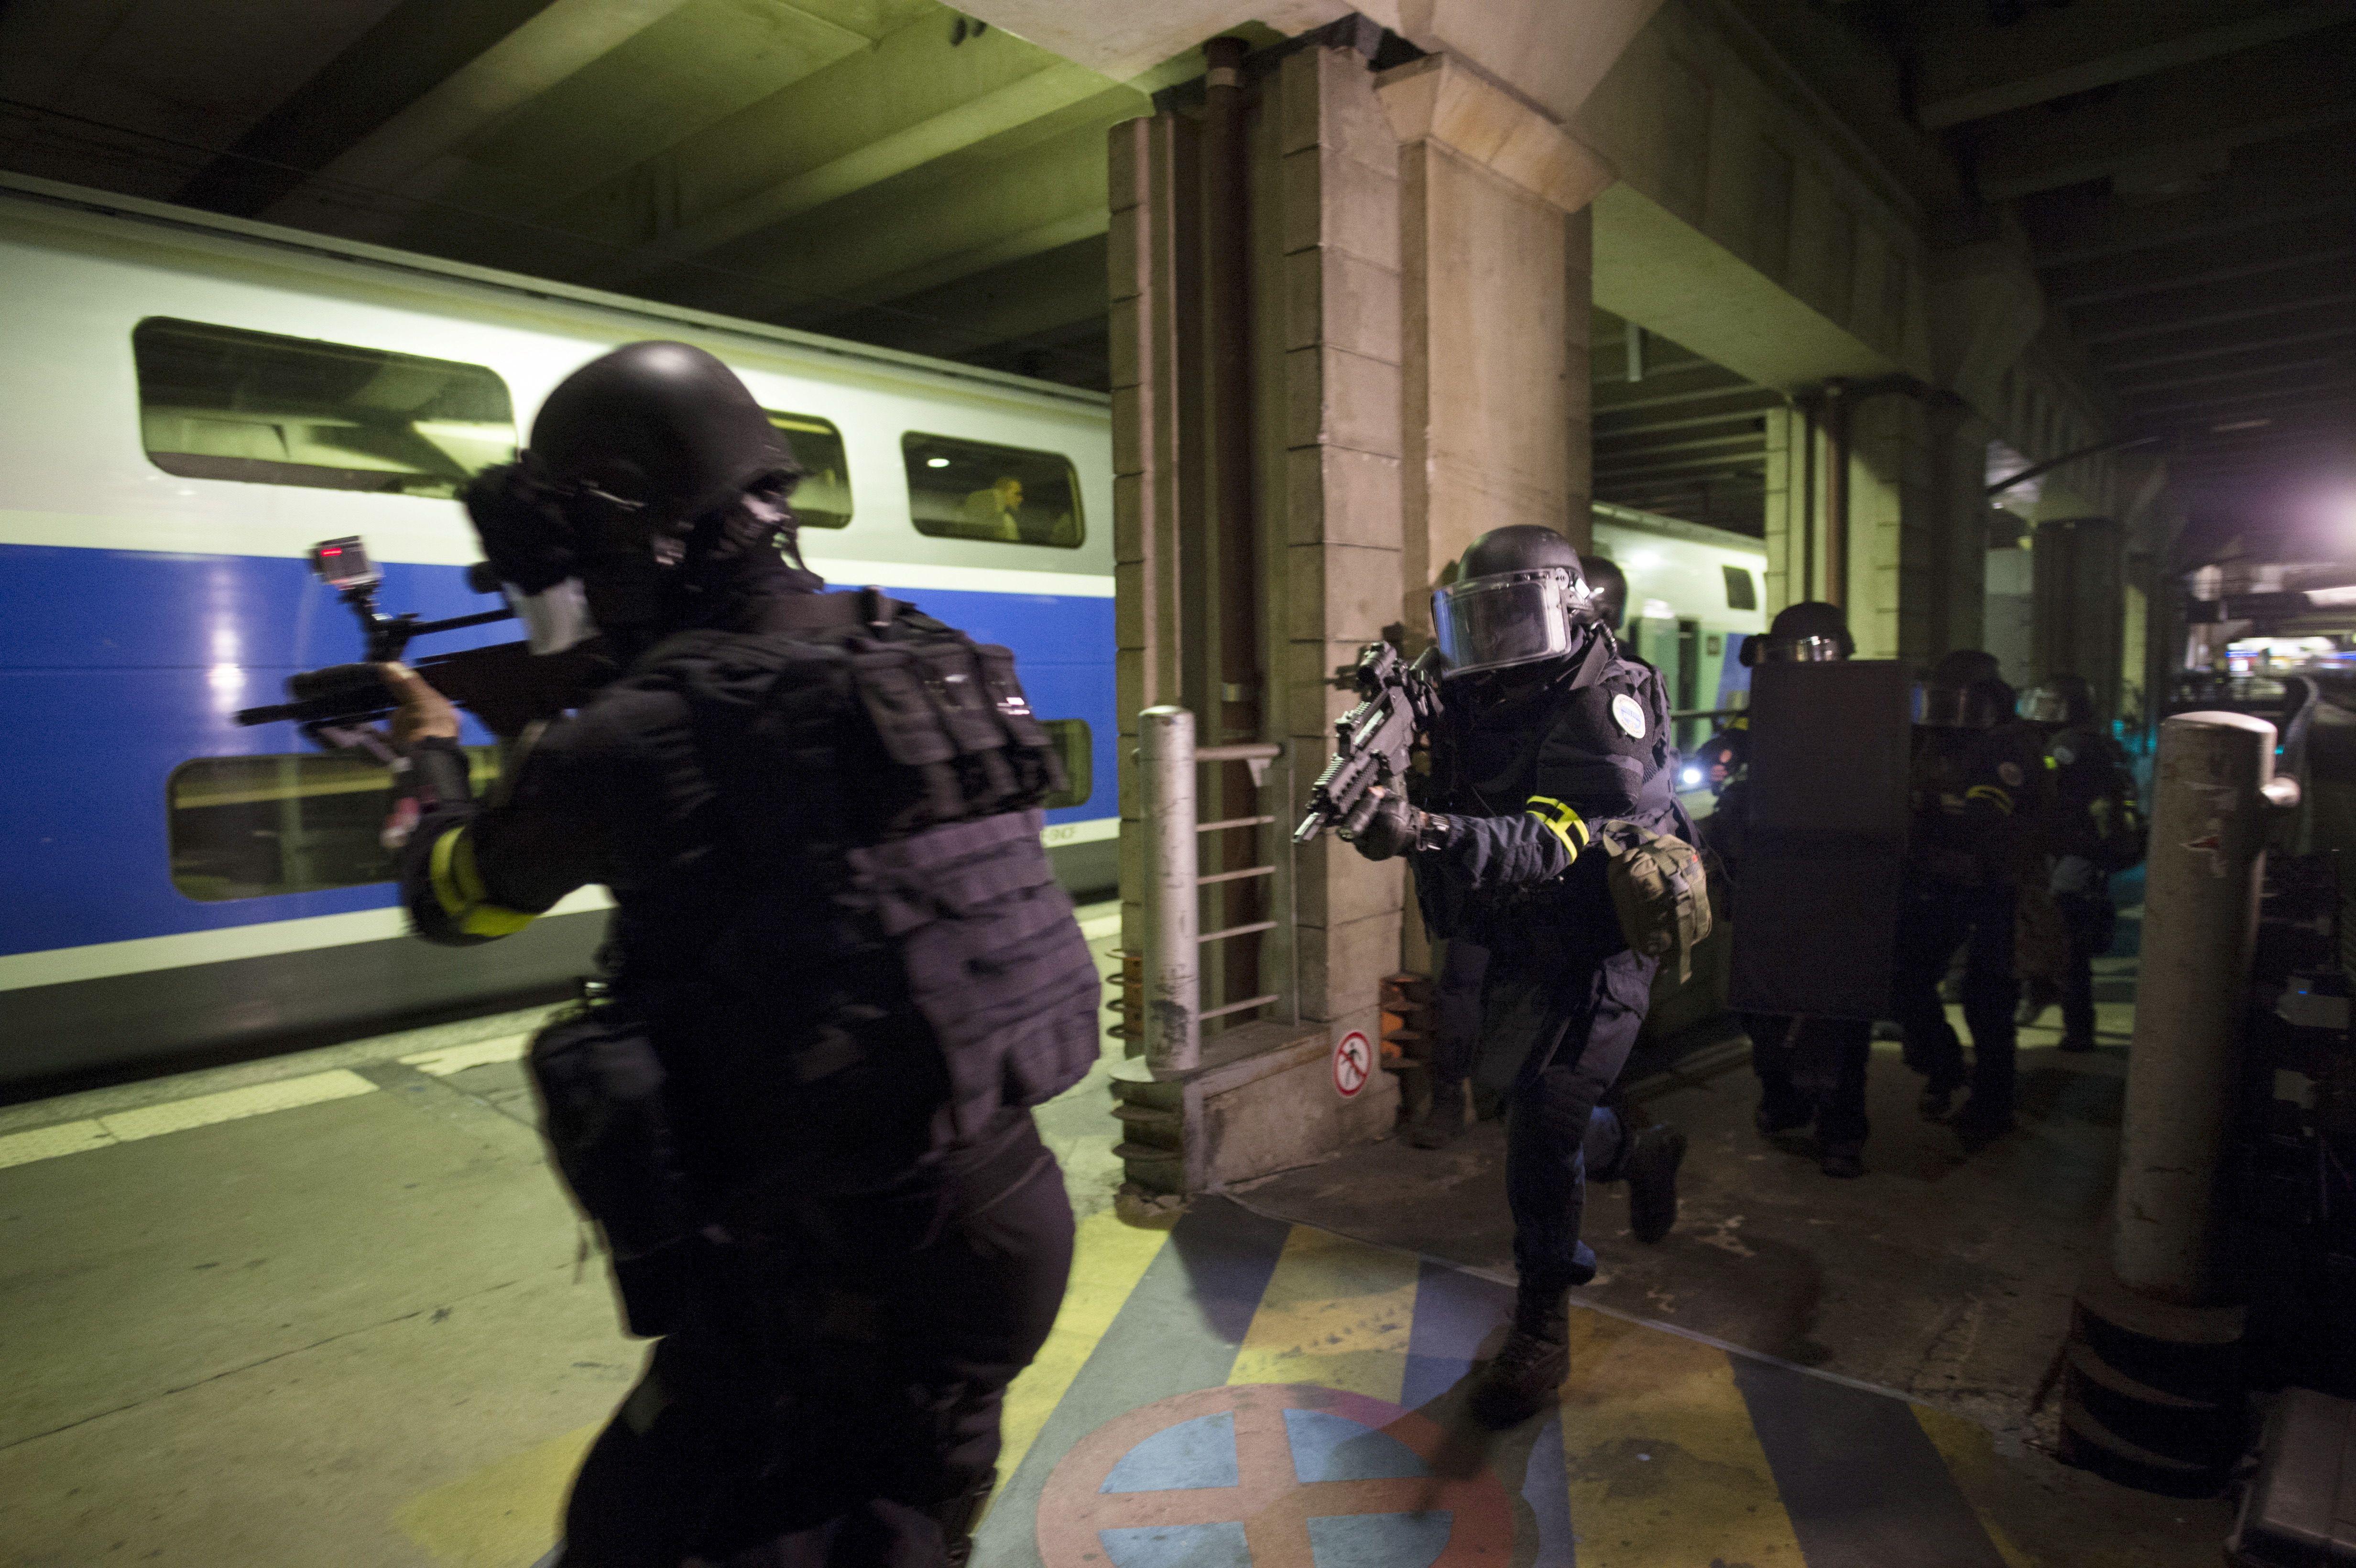 Une simulation d'attaque terroriste a eu lieu à Paris le 20 avril, mais uniquement avec les forces de l'ordre.